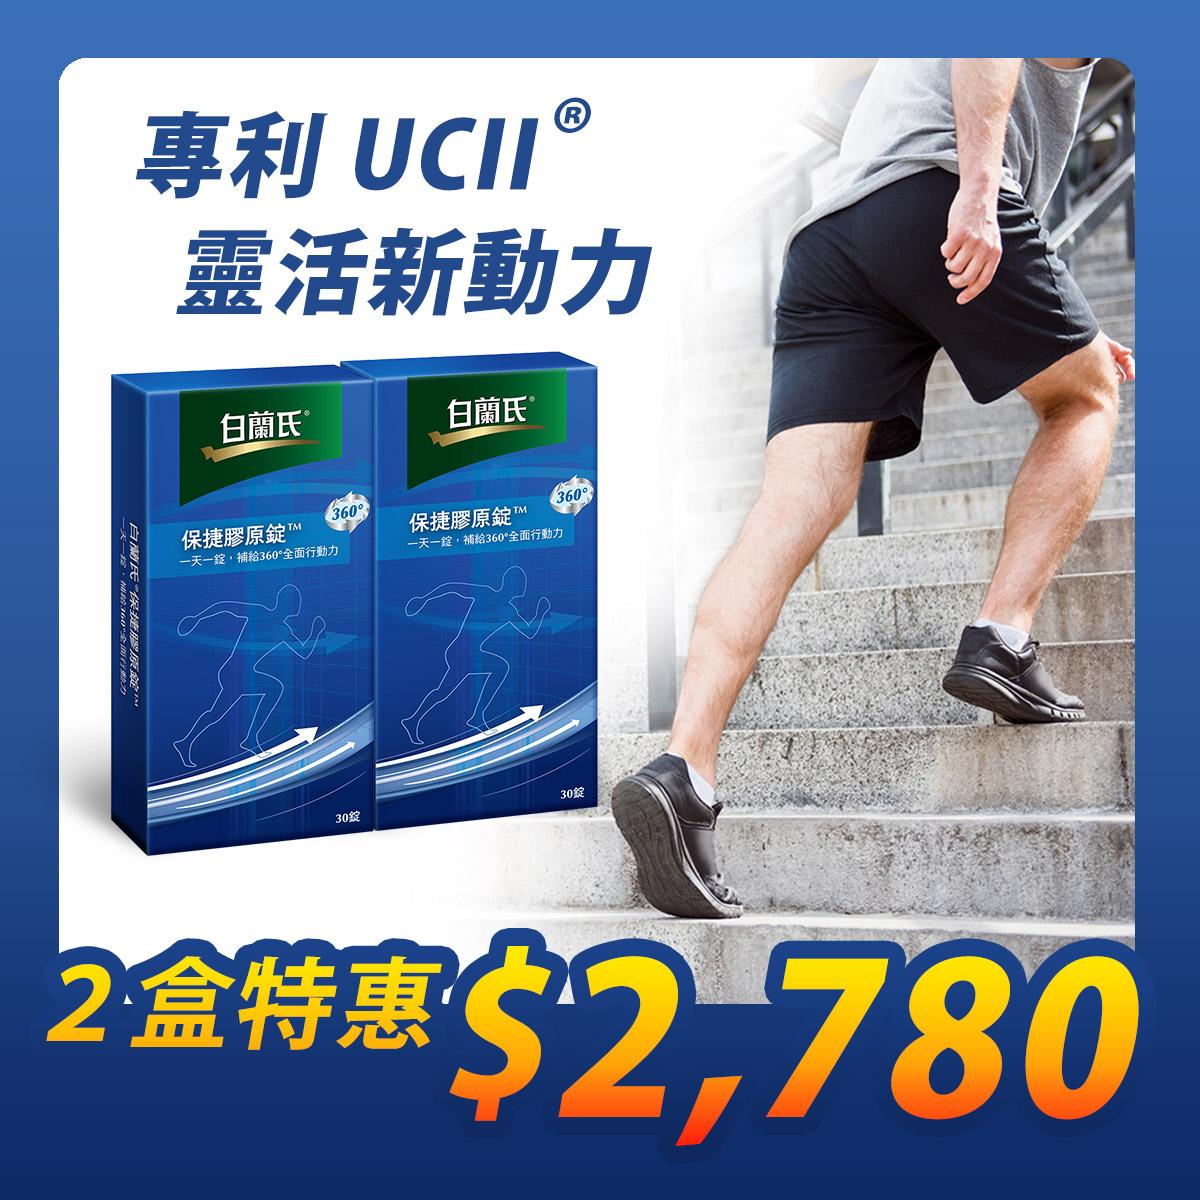 【最新行動力靈活指標 比葡萄糖胺更有效】保捷膠原錠(30錠)/盒哈佛醫學最新有效成分 UCII獲5項國際專利 爬樓梯不怕